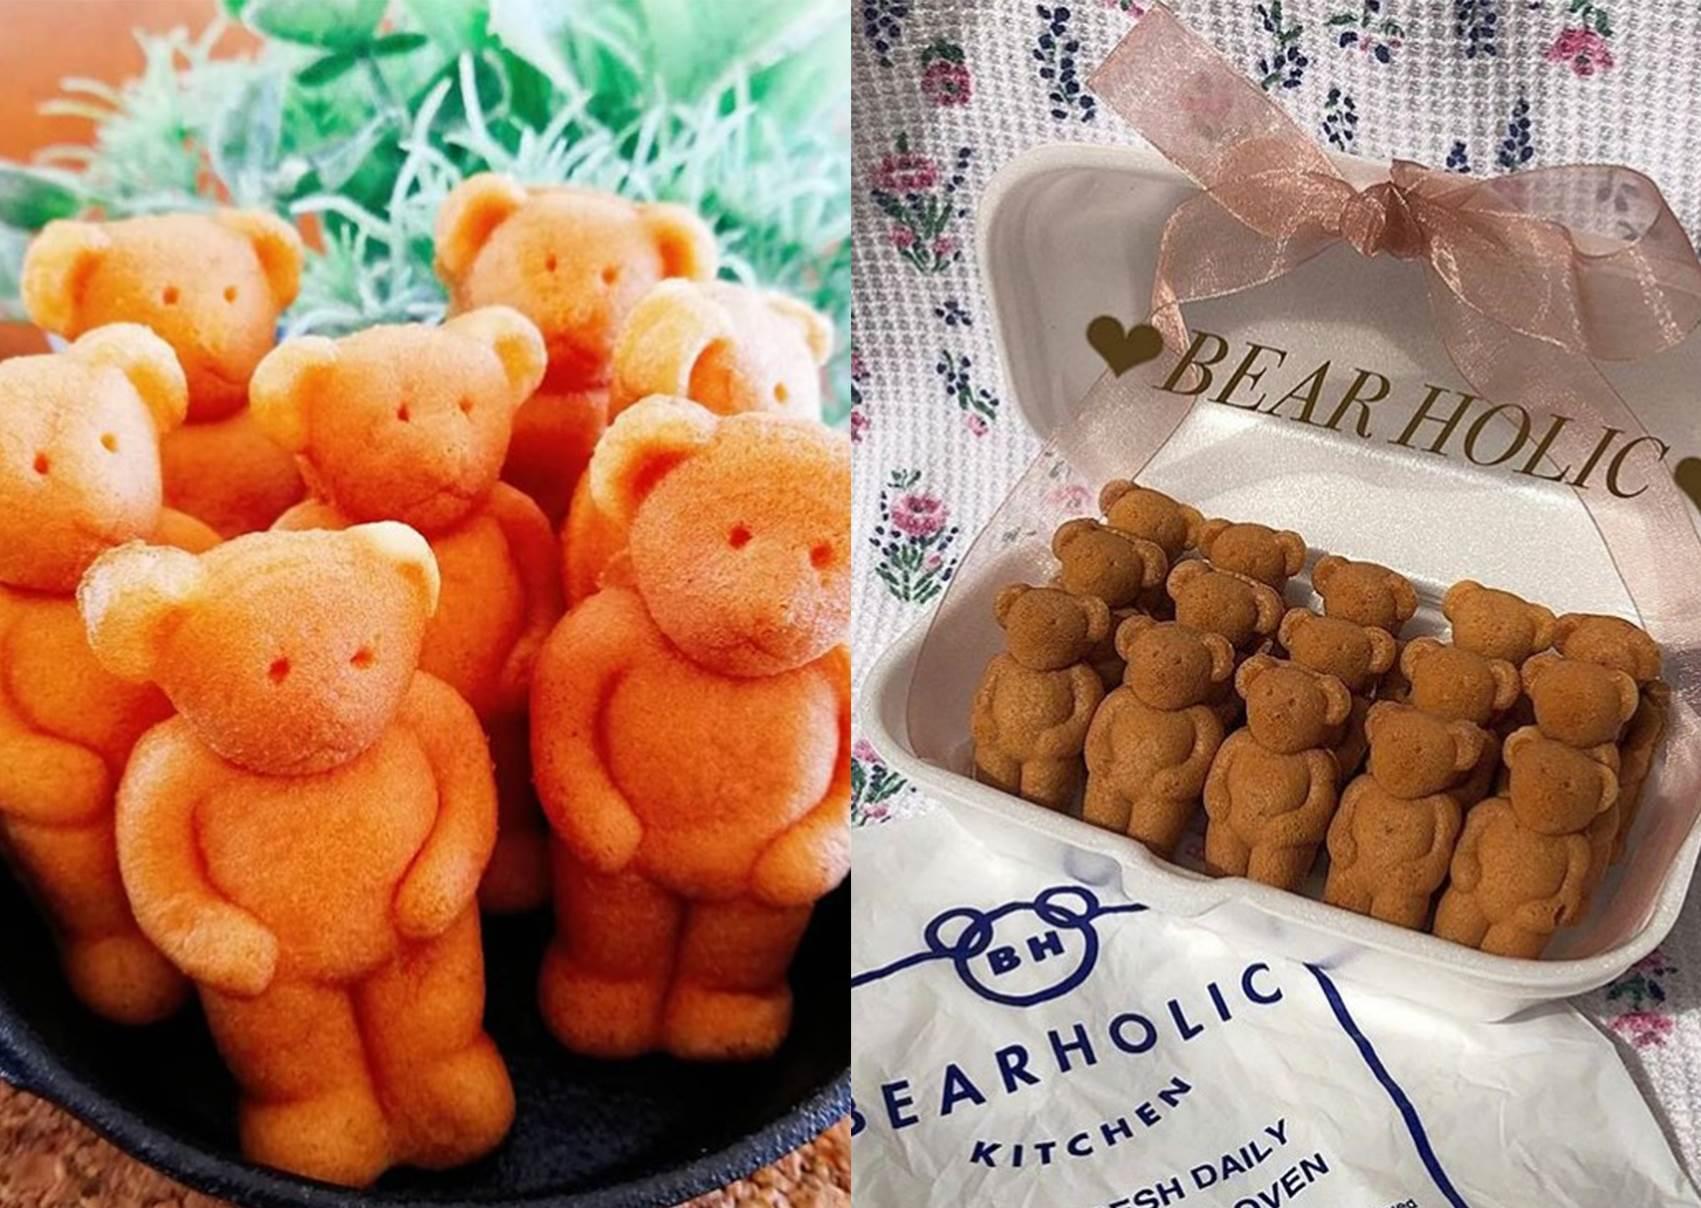 不用飛東京也能吃得到!超萌甜品「BEAR HOLIC熊燒」進駐台北,香濃小熊排排站讓人捨不得吃呀~